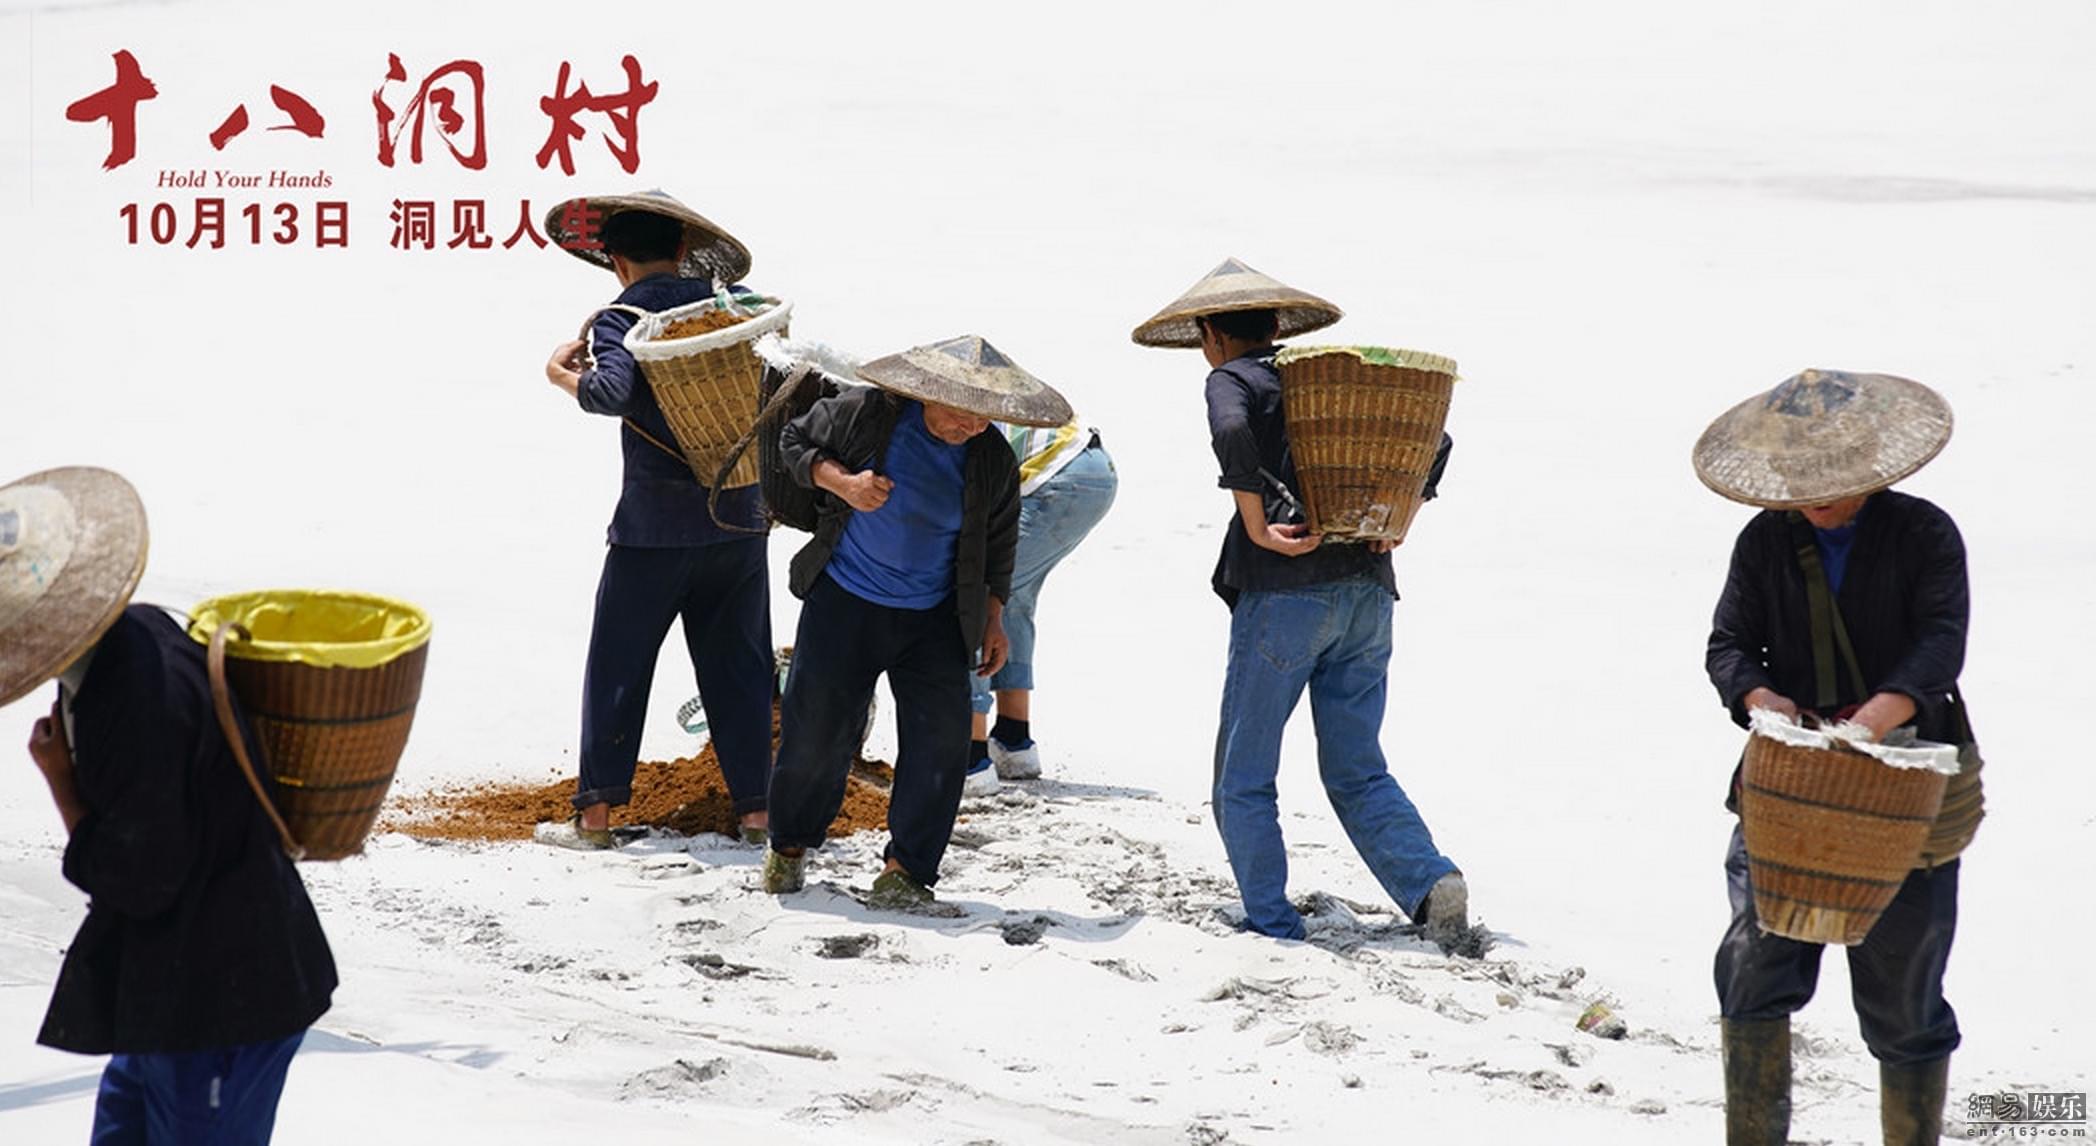 《十八洞村》曝终极预告片 硬汉王学圻愚公移山